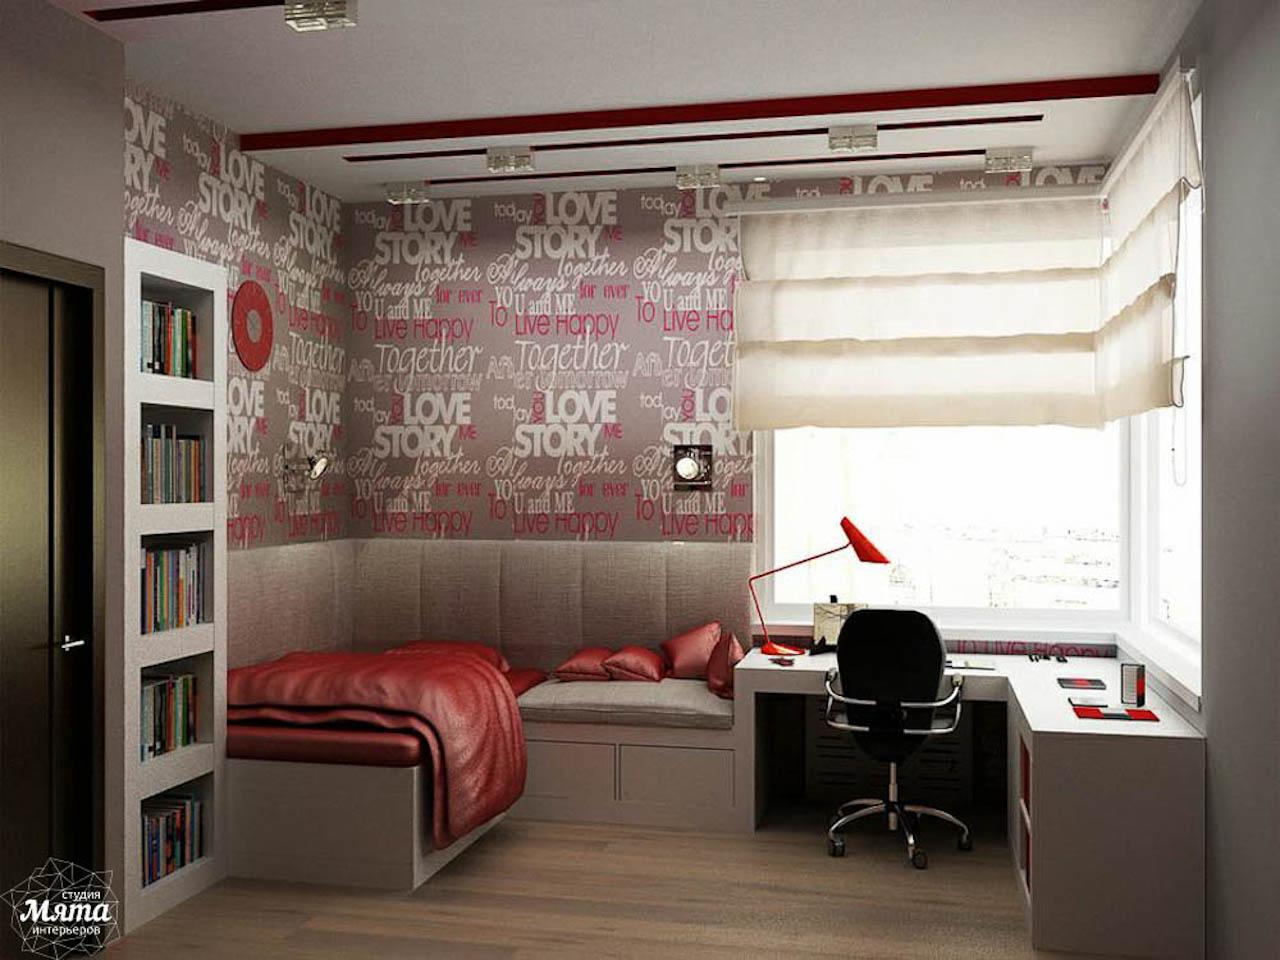 Дизайн интерьера трехкомнатной квартиры по ул. Николая Никонова 4 img509548832